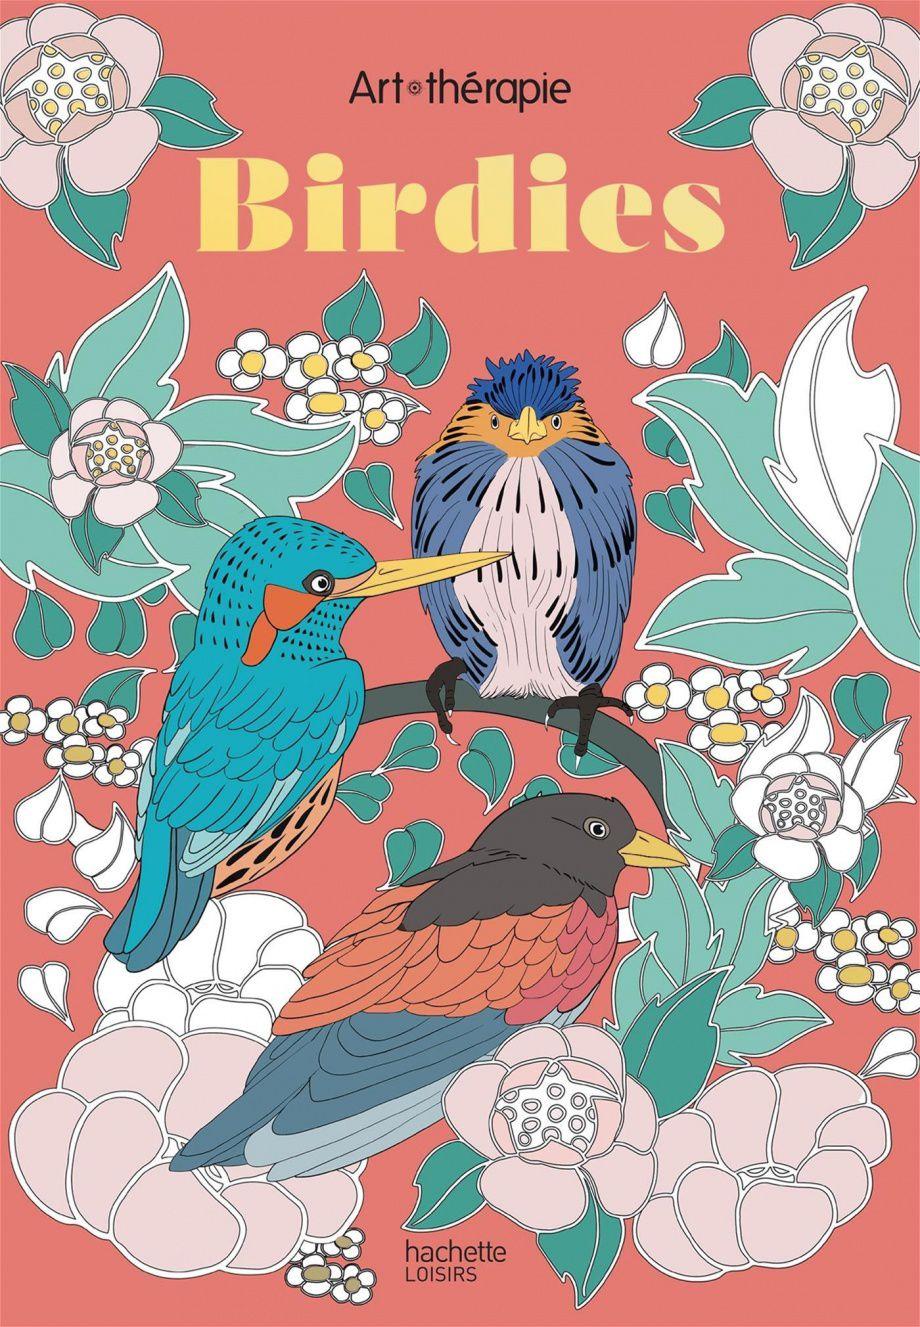 Nouvelle publication : Birdies, éditions Hachette Loisirs